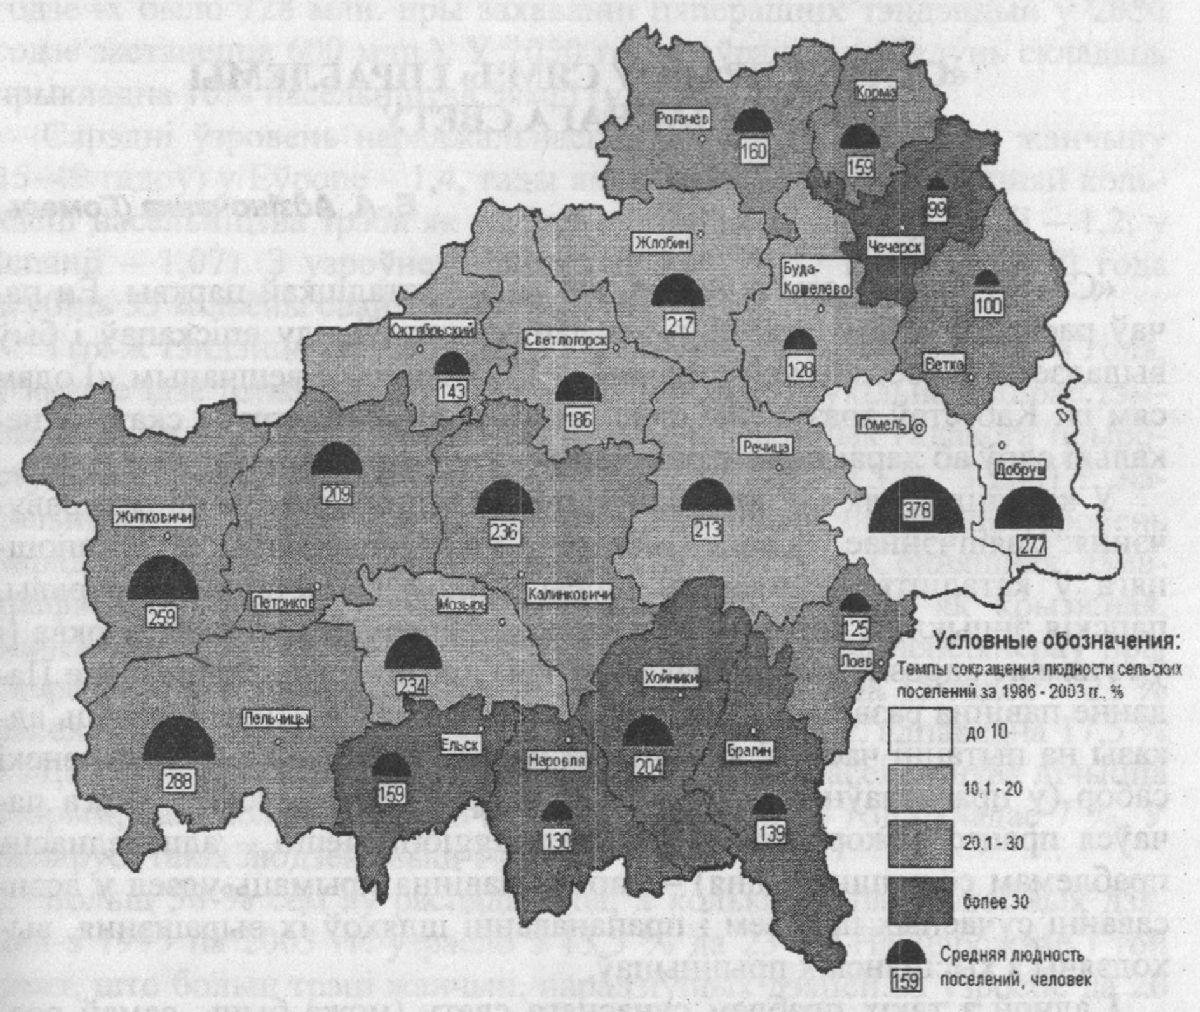 Рис. Людность сельских поселений Гомельской области на 01.01.2004 г.